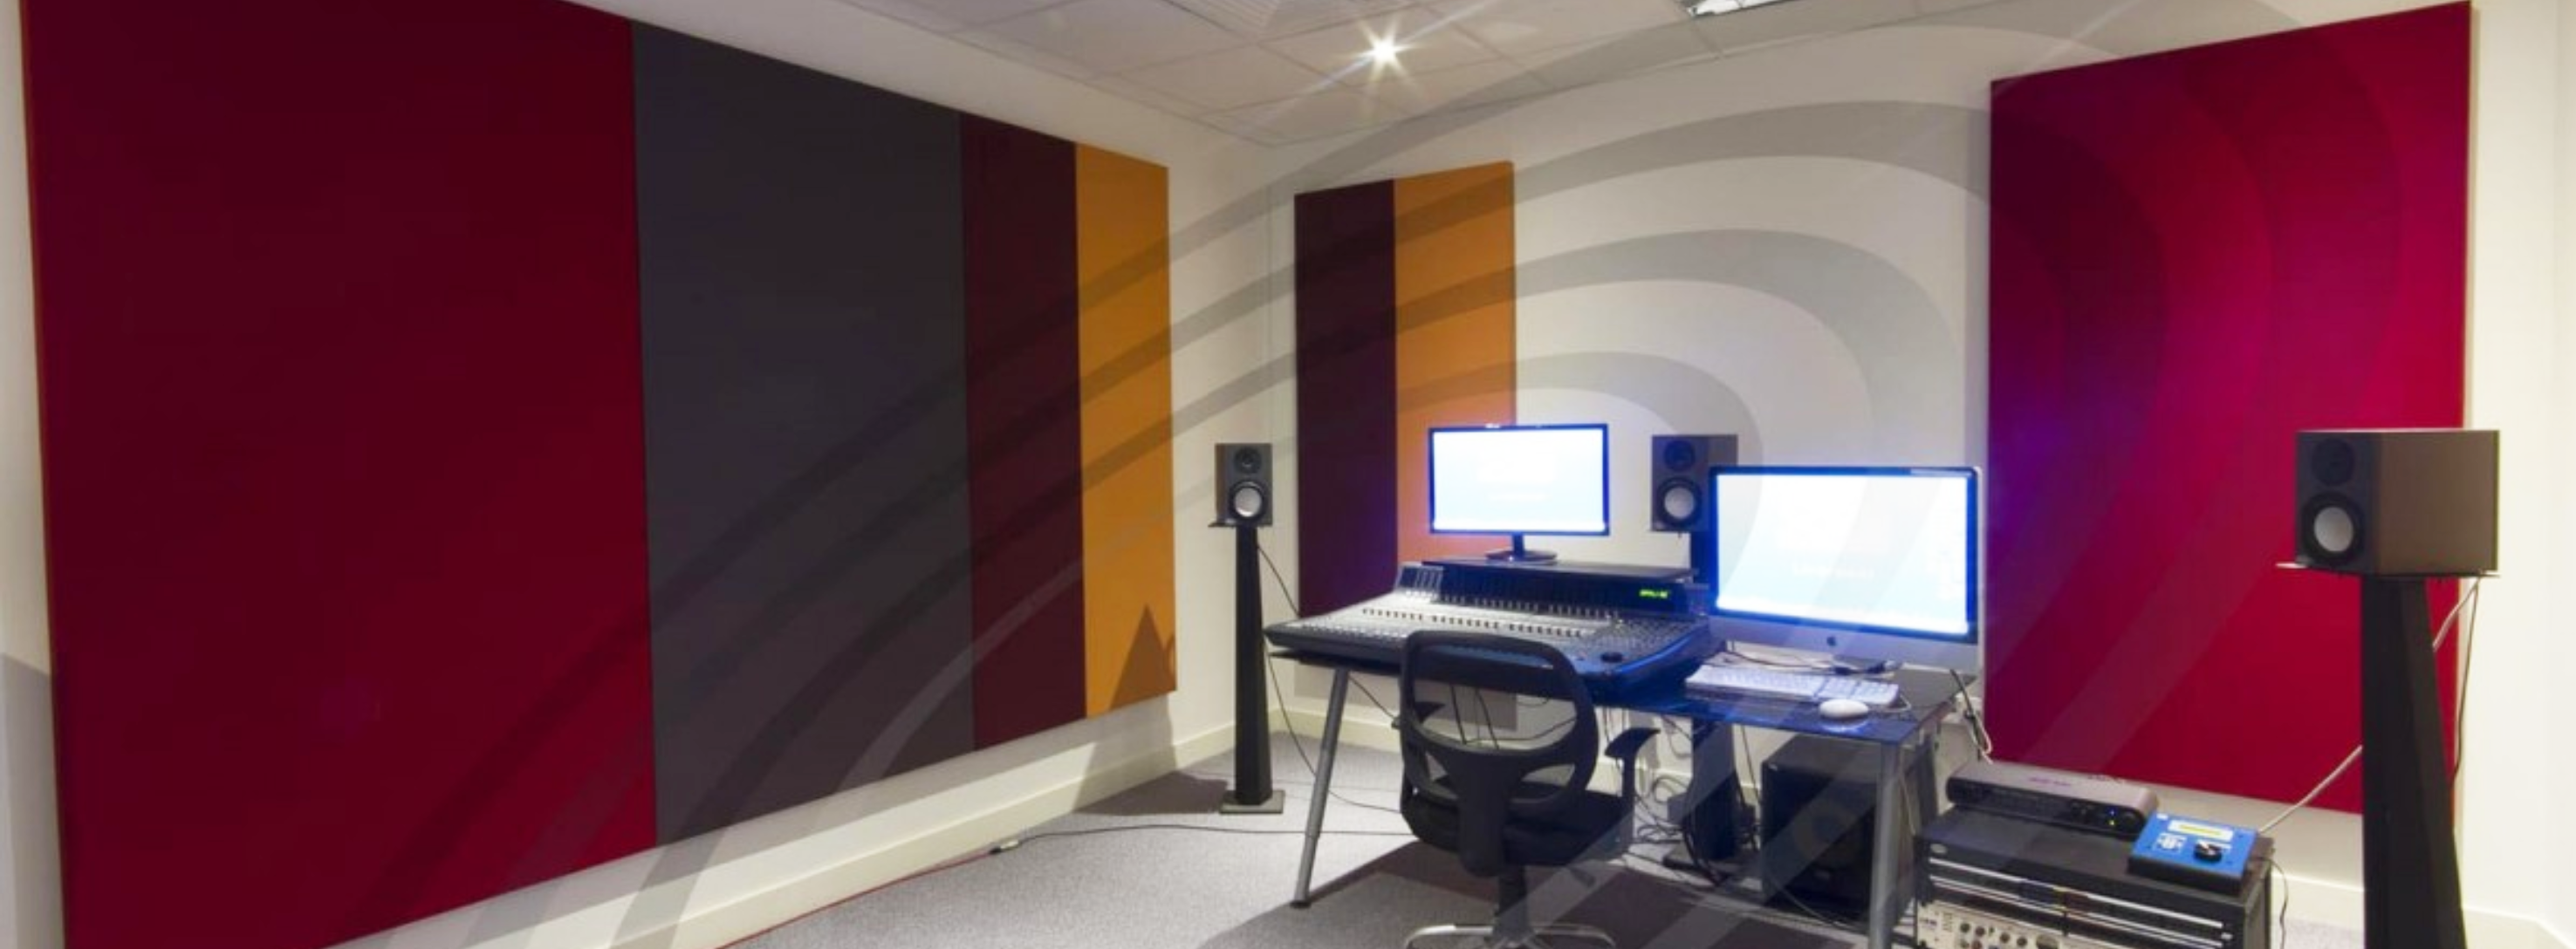 Acoustic studio